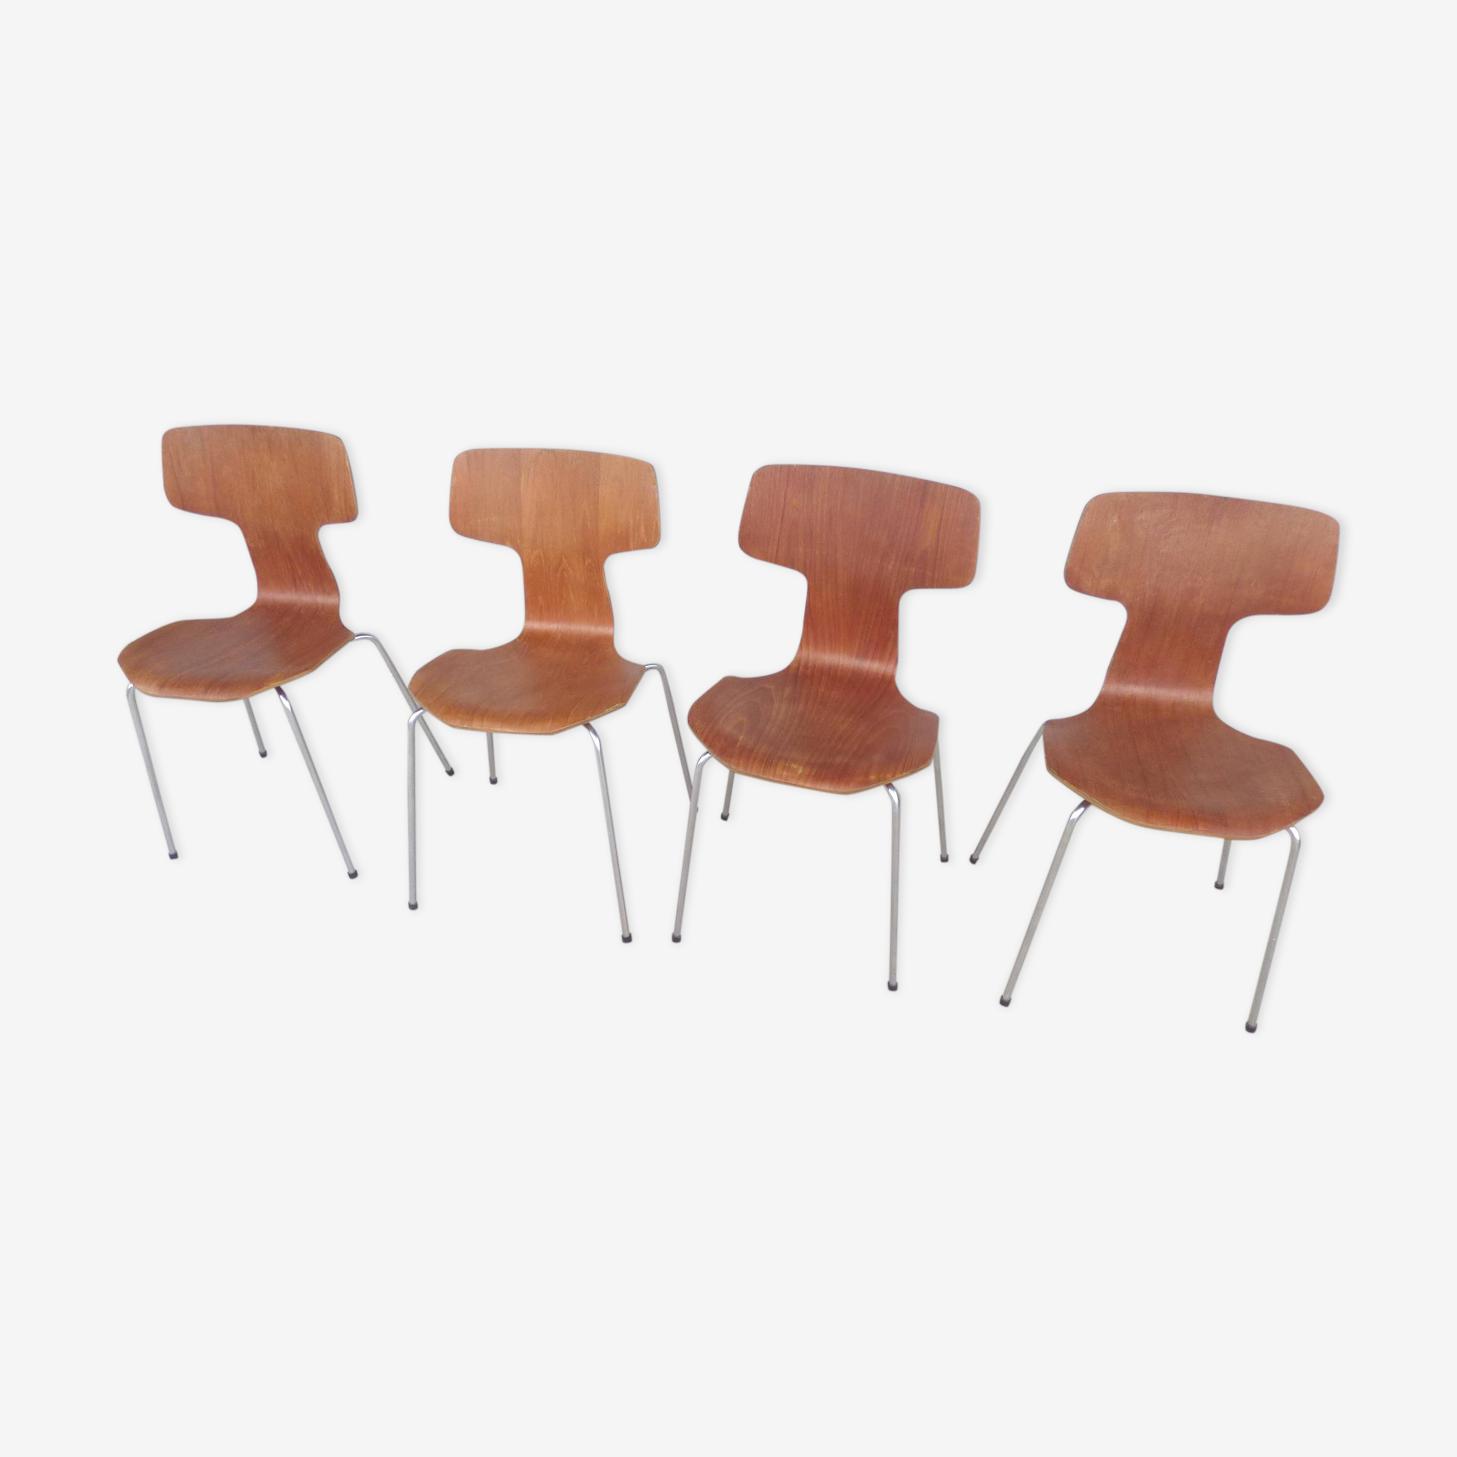 Série de chaises marteau 3103 Arne Jacobsen pour Fritz Hansen